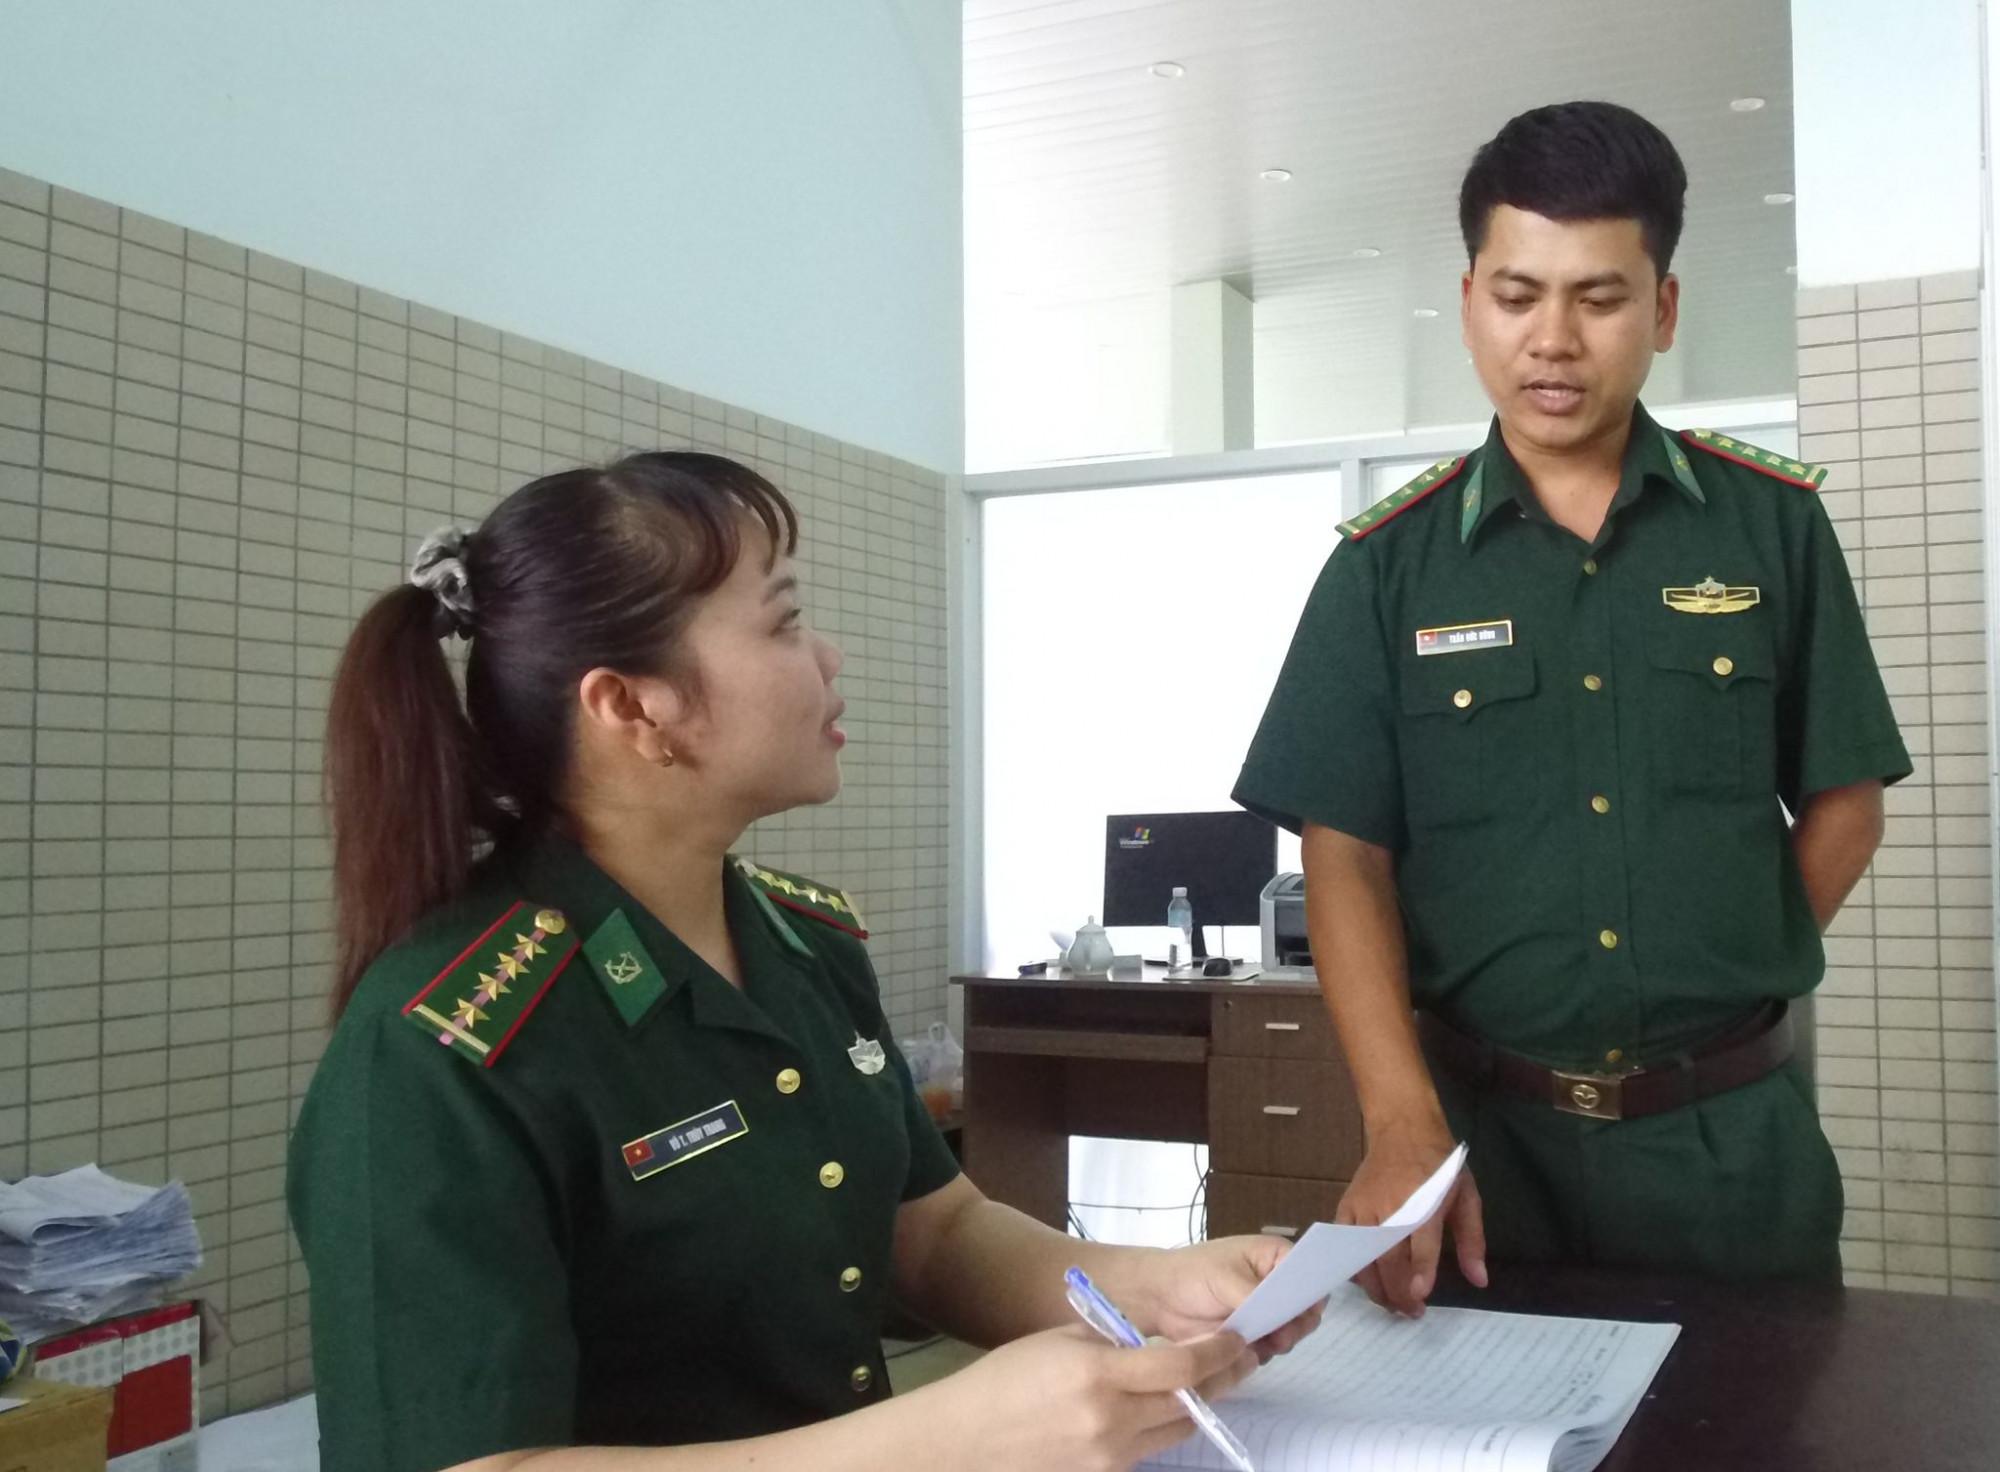 Bông hồng duy nhất ở cửa khẩu, Thùy Trang luôn được đồng đội hỗ trợ nghiệp vụ kiểm thể phù hợp với từng đối tượng cụ thể